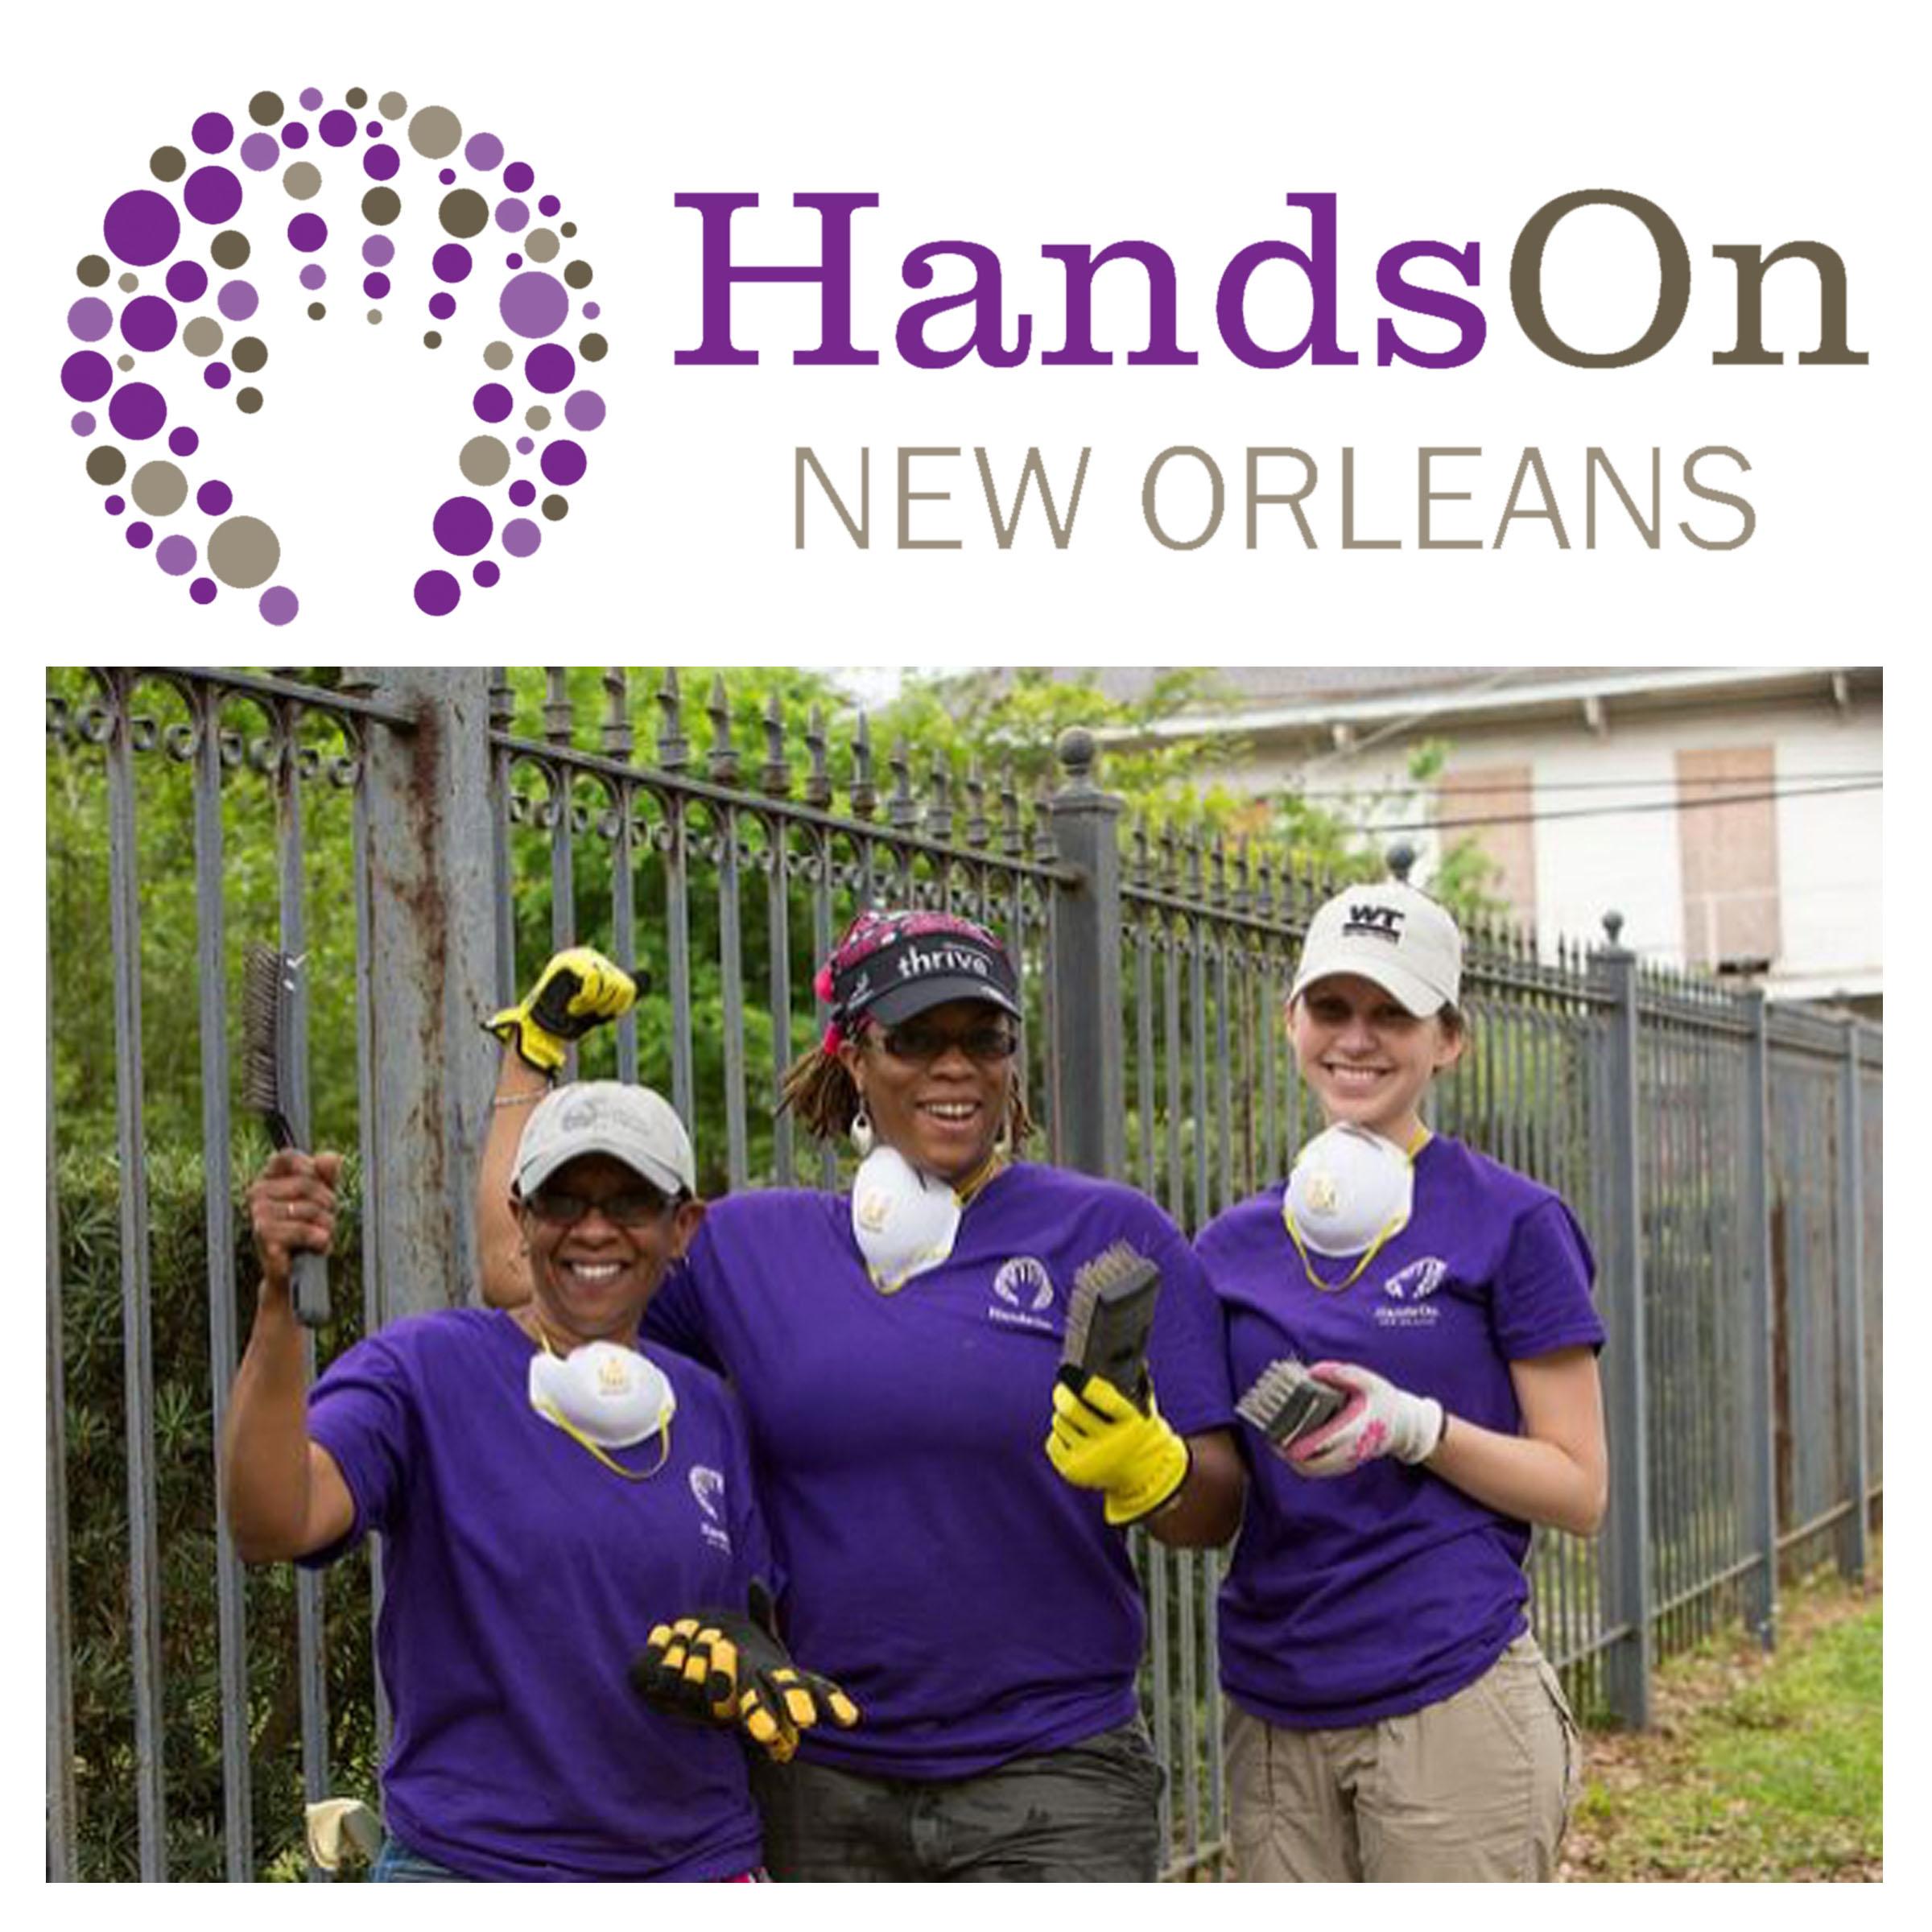 HandsOn New Orleans - @handsonnola